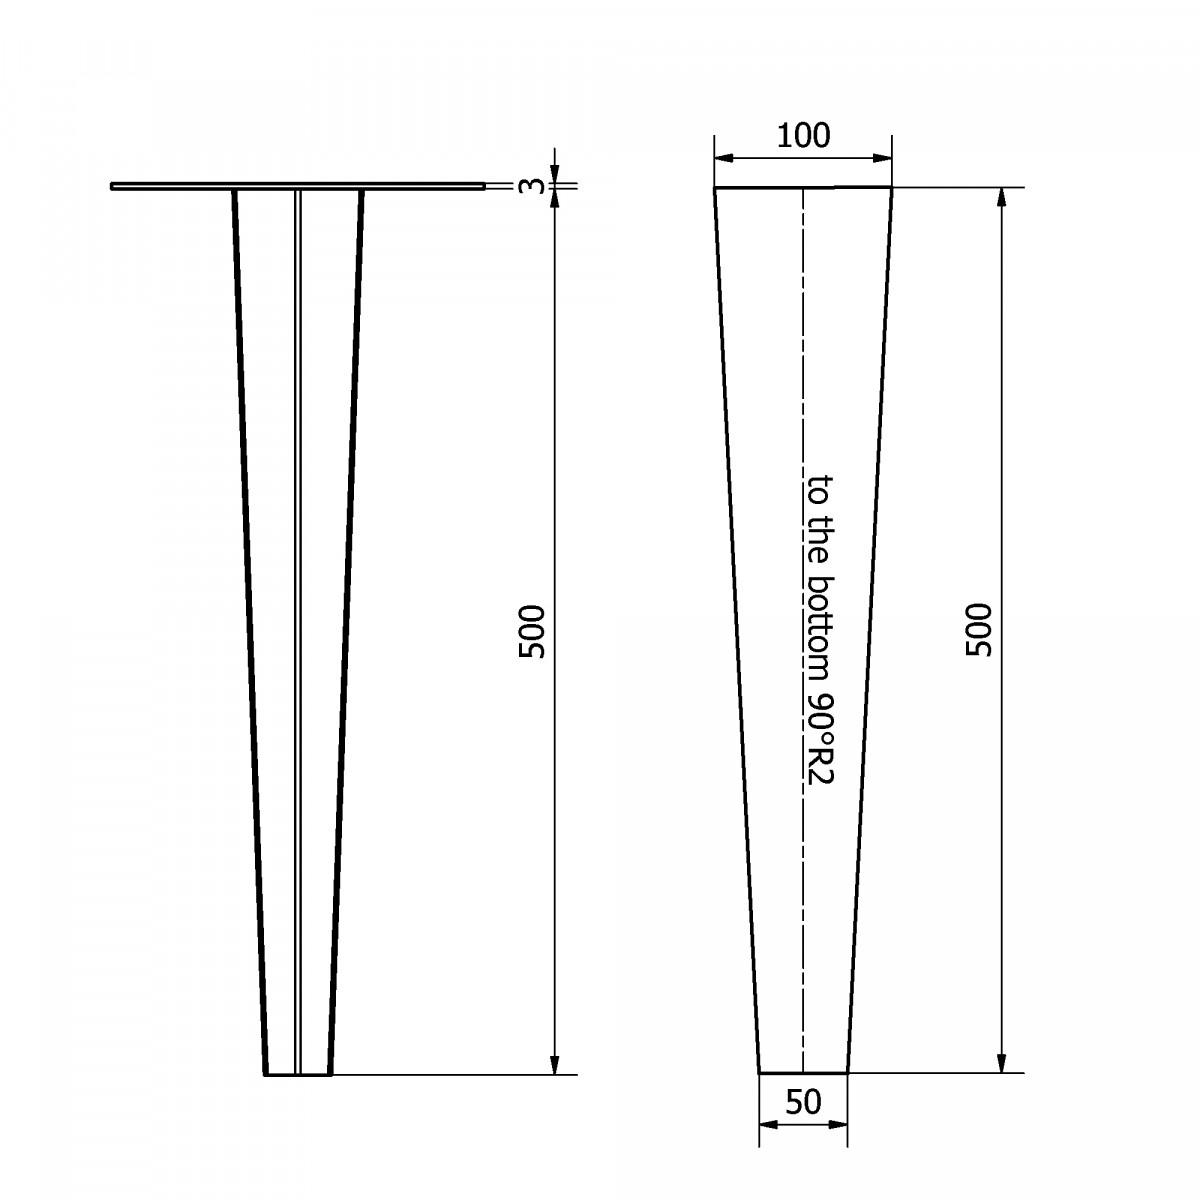 Spie 1 (5818) - KS Verlichting - Montage en verankering